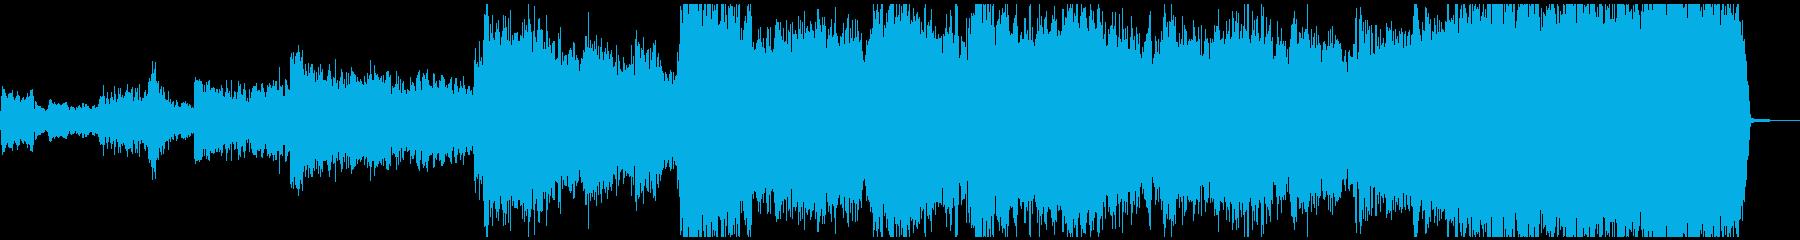 現代的 交響曲 エレクトロ 実験的...の再生済みの波形